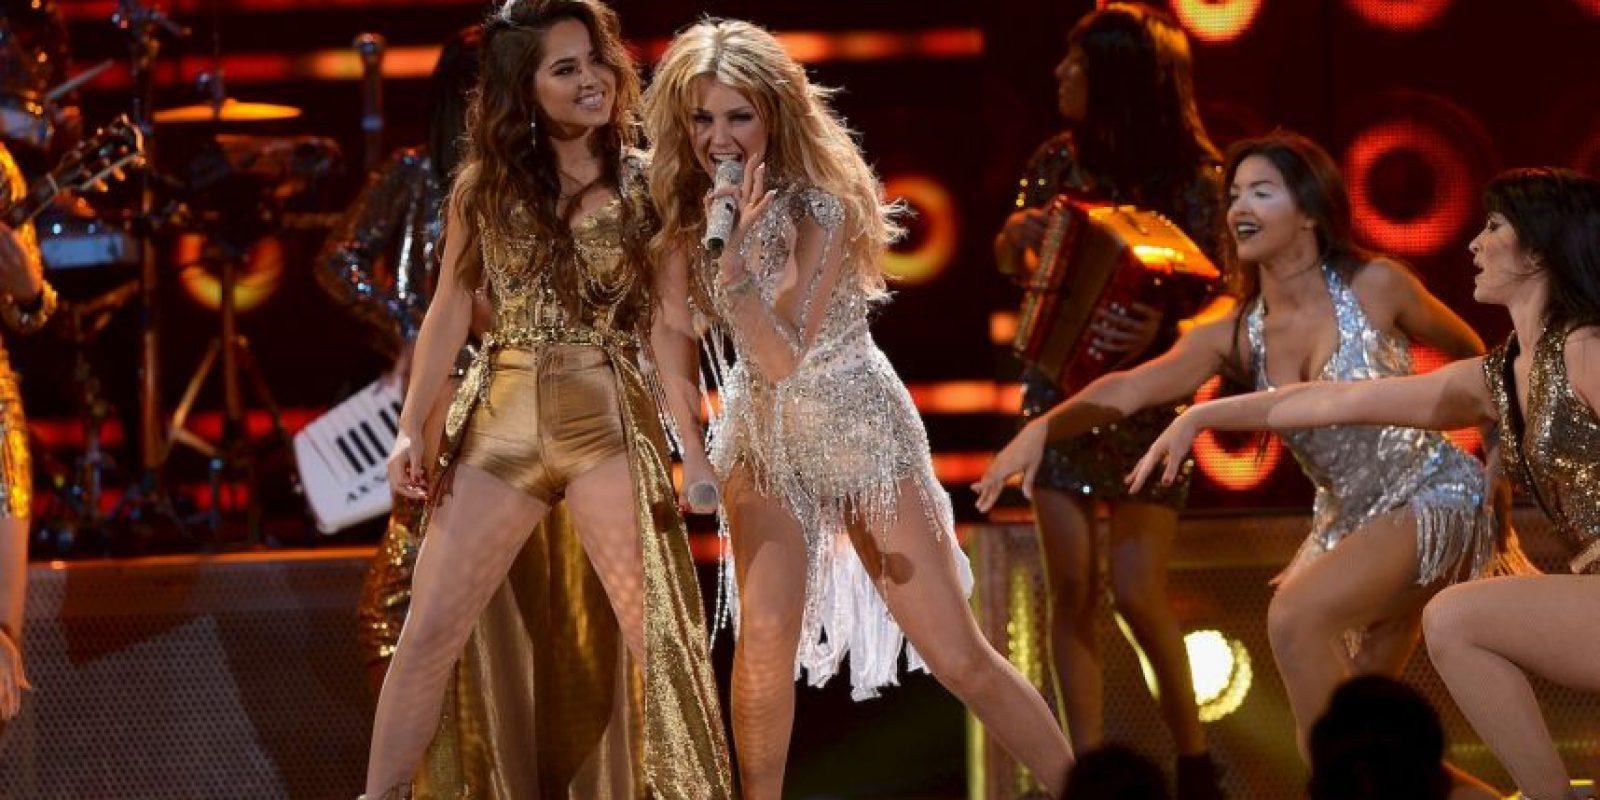 En el video se puede observar a las cantantes mover la cadera al ritmo de la música. Foto:Getty